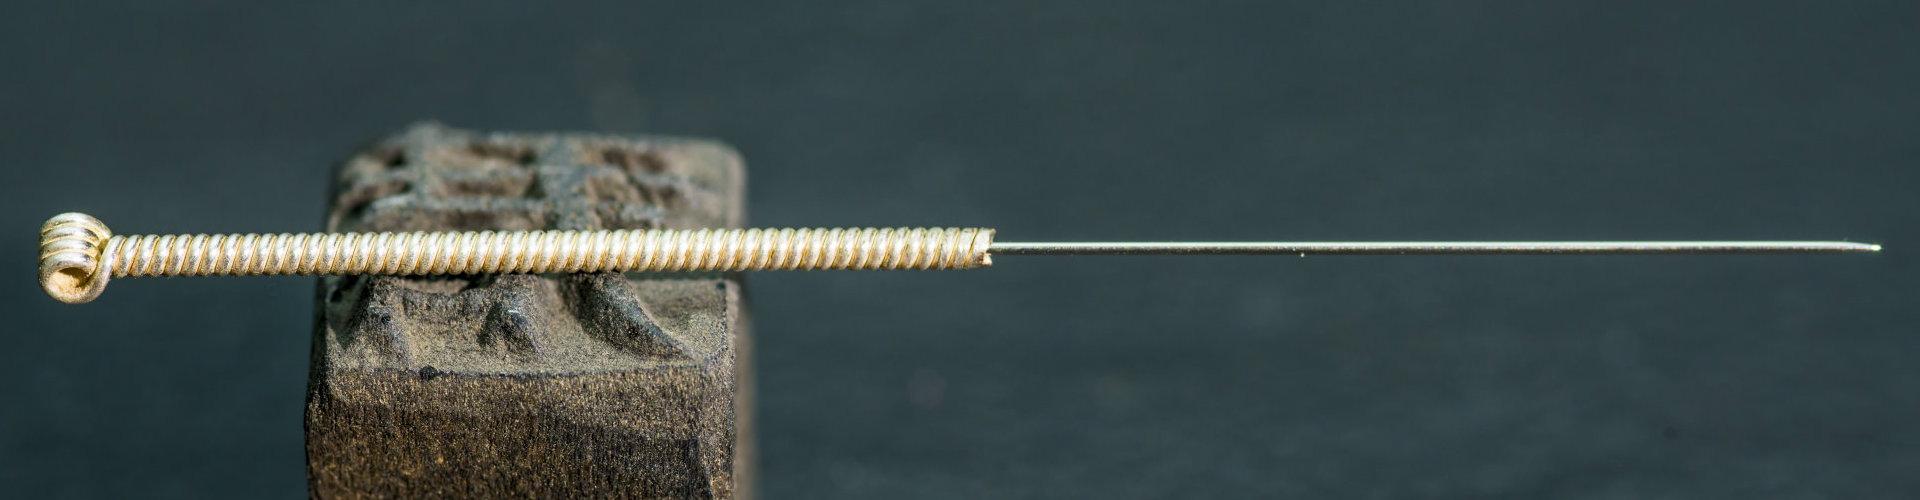 acupunture pin